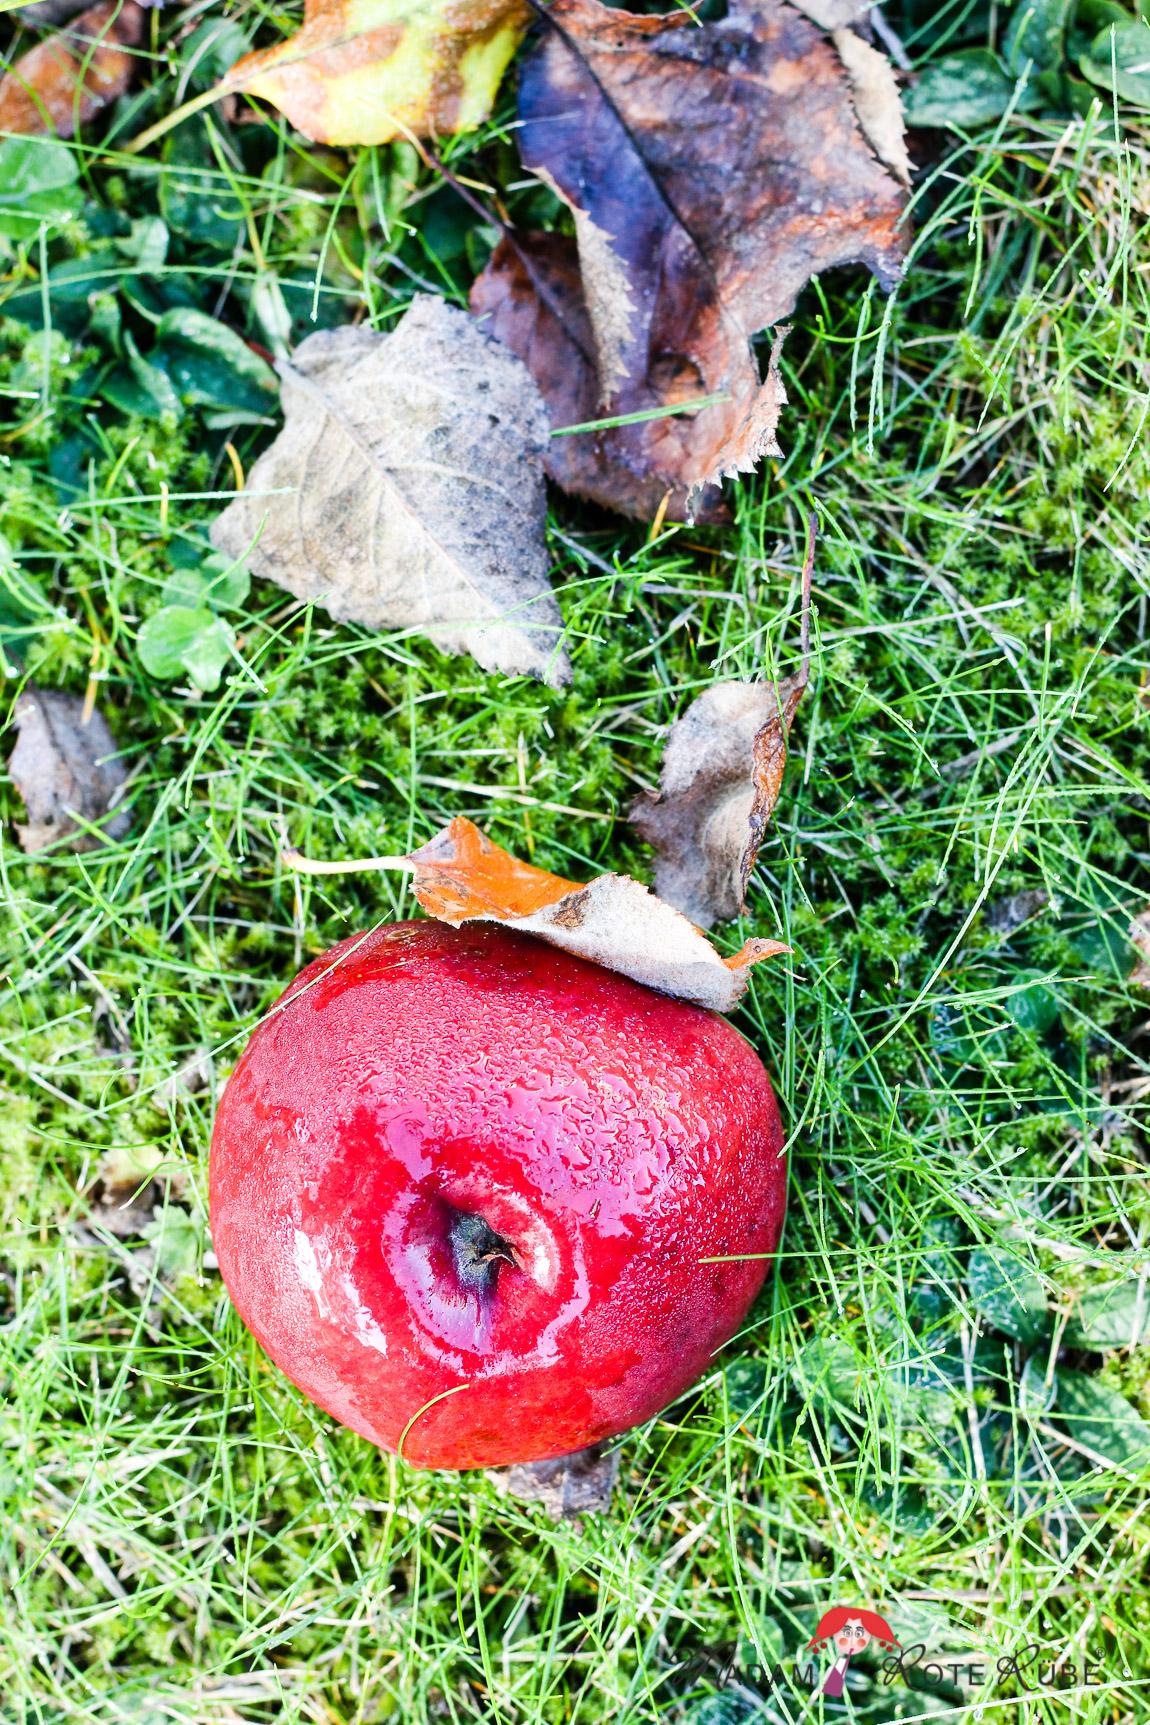 Madam Rote Rübe - Apfelernte